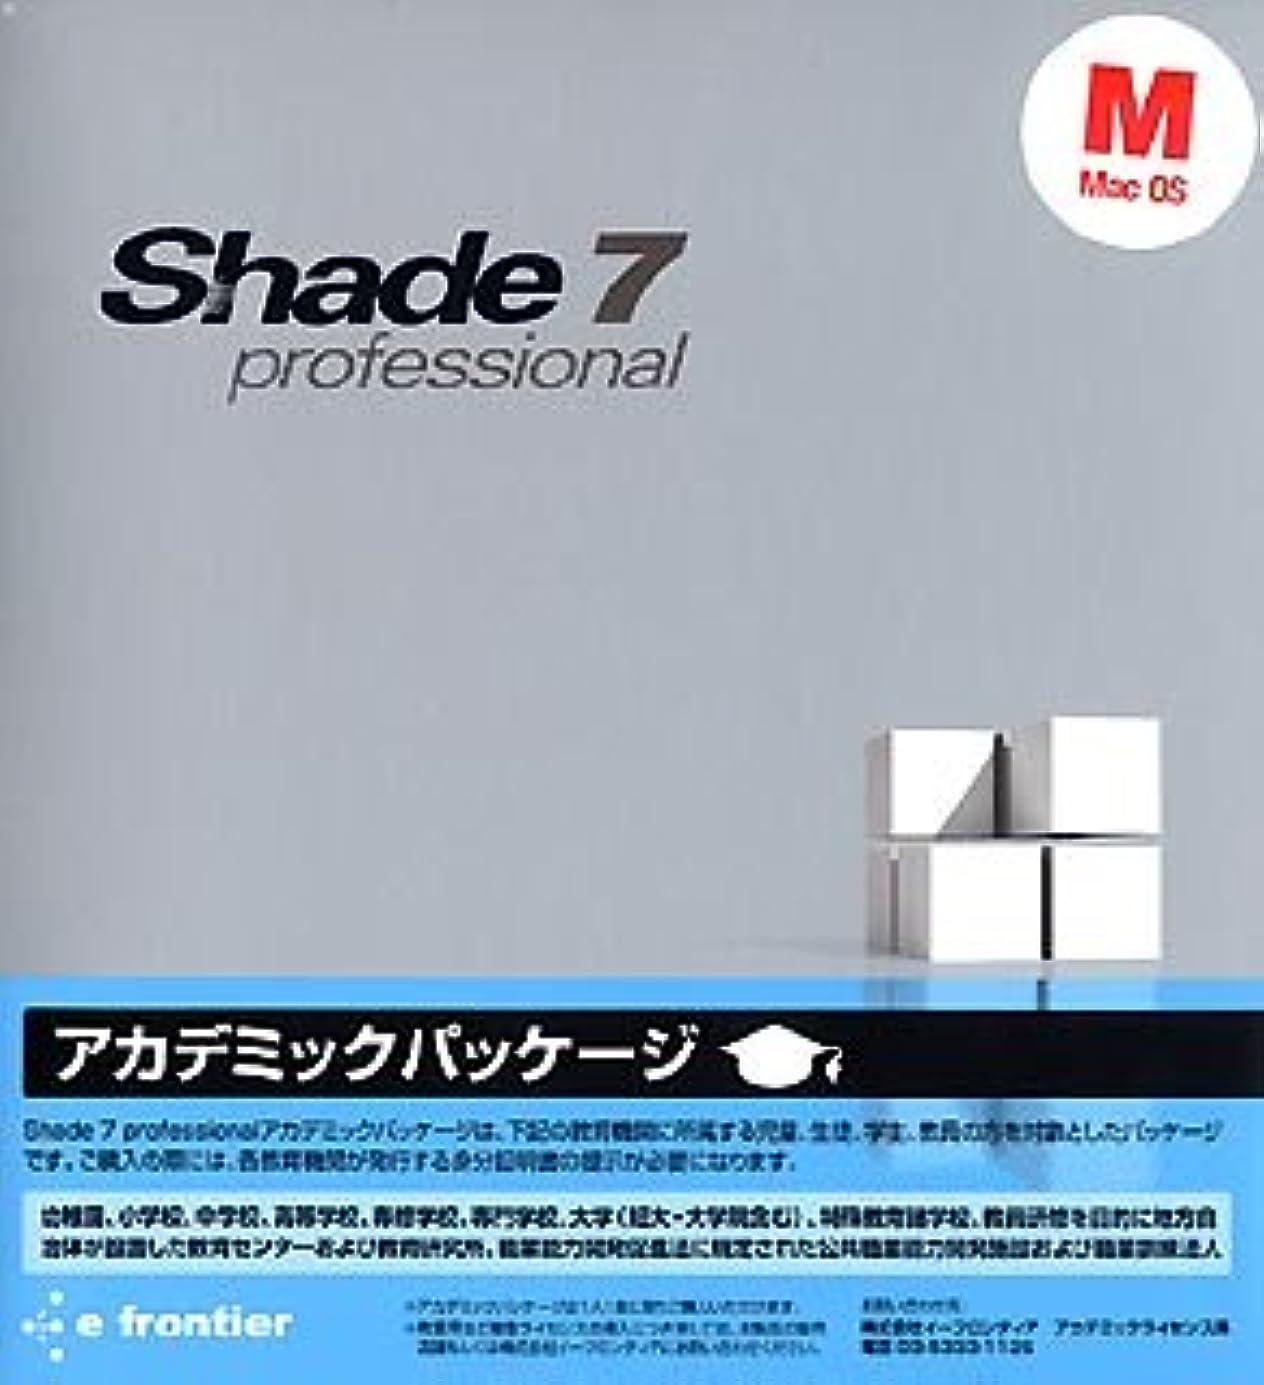 乱れクマノミ姿を消すShade 7 professional for MacOS X アカデミックパッケージ